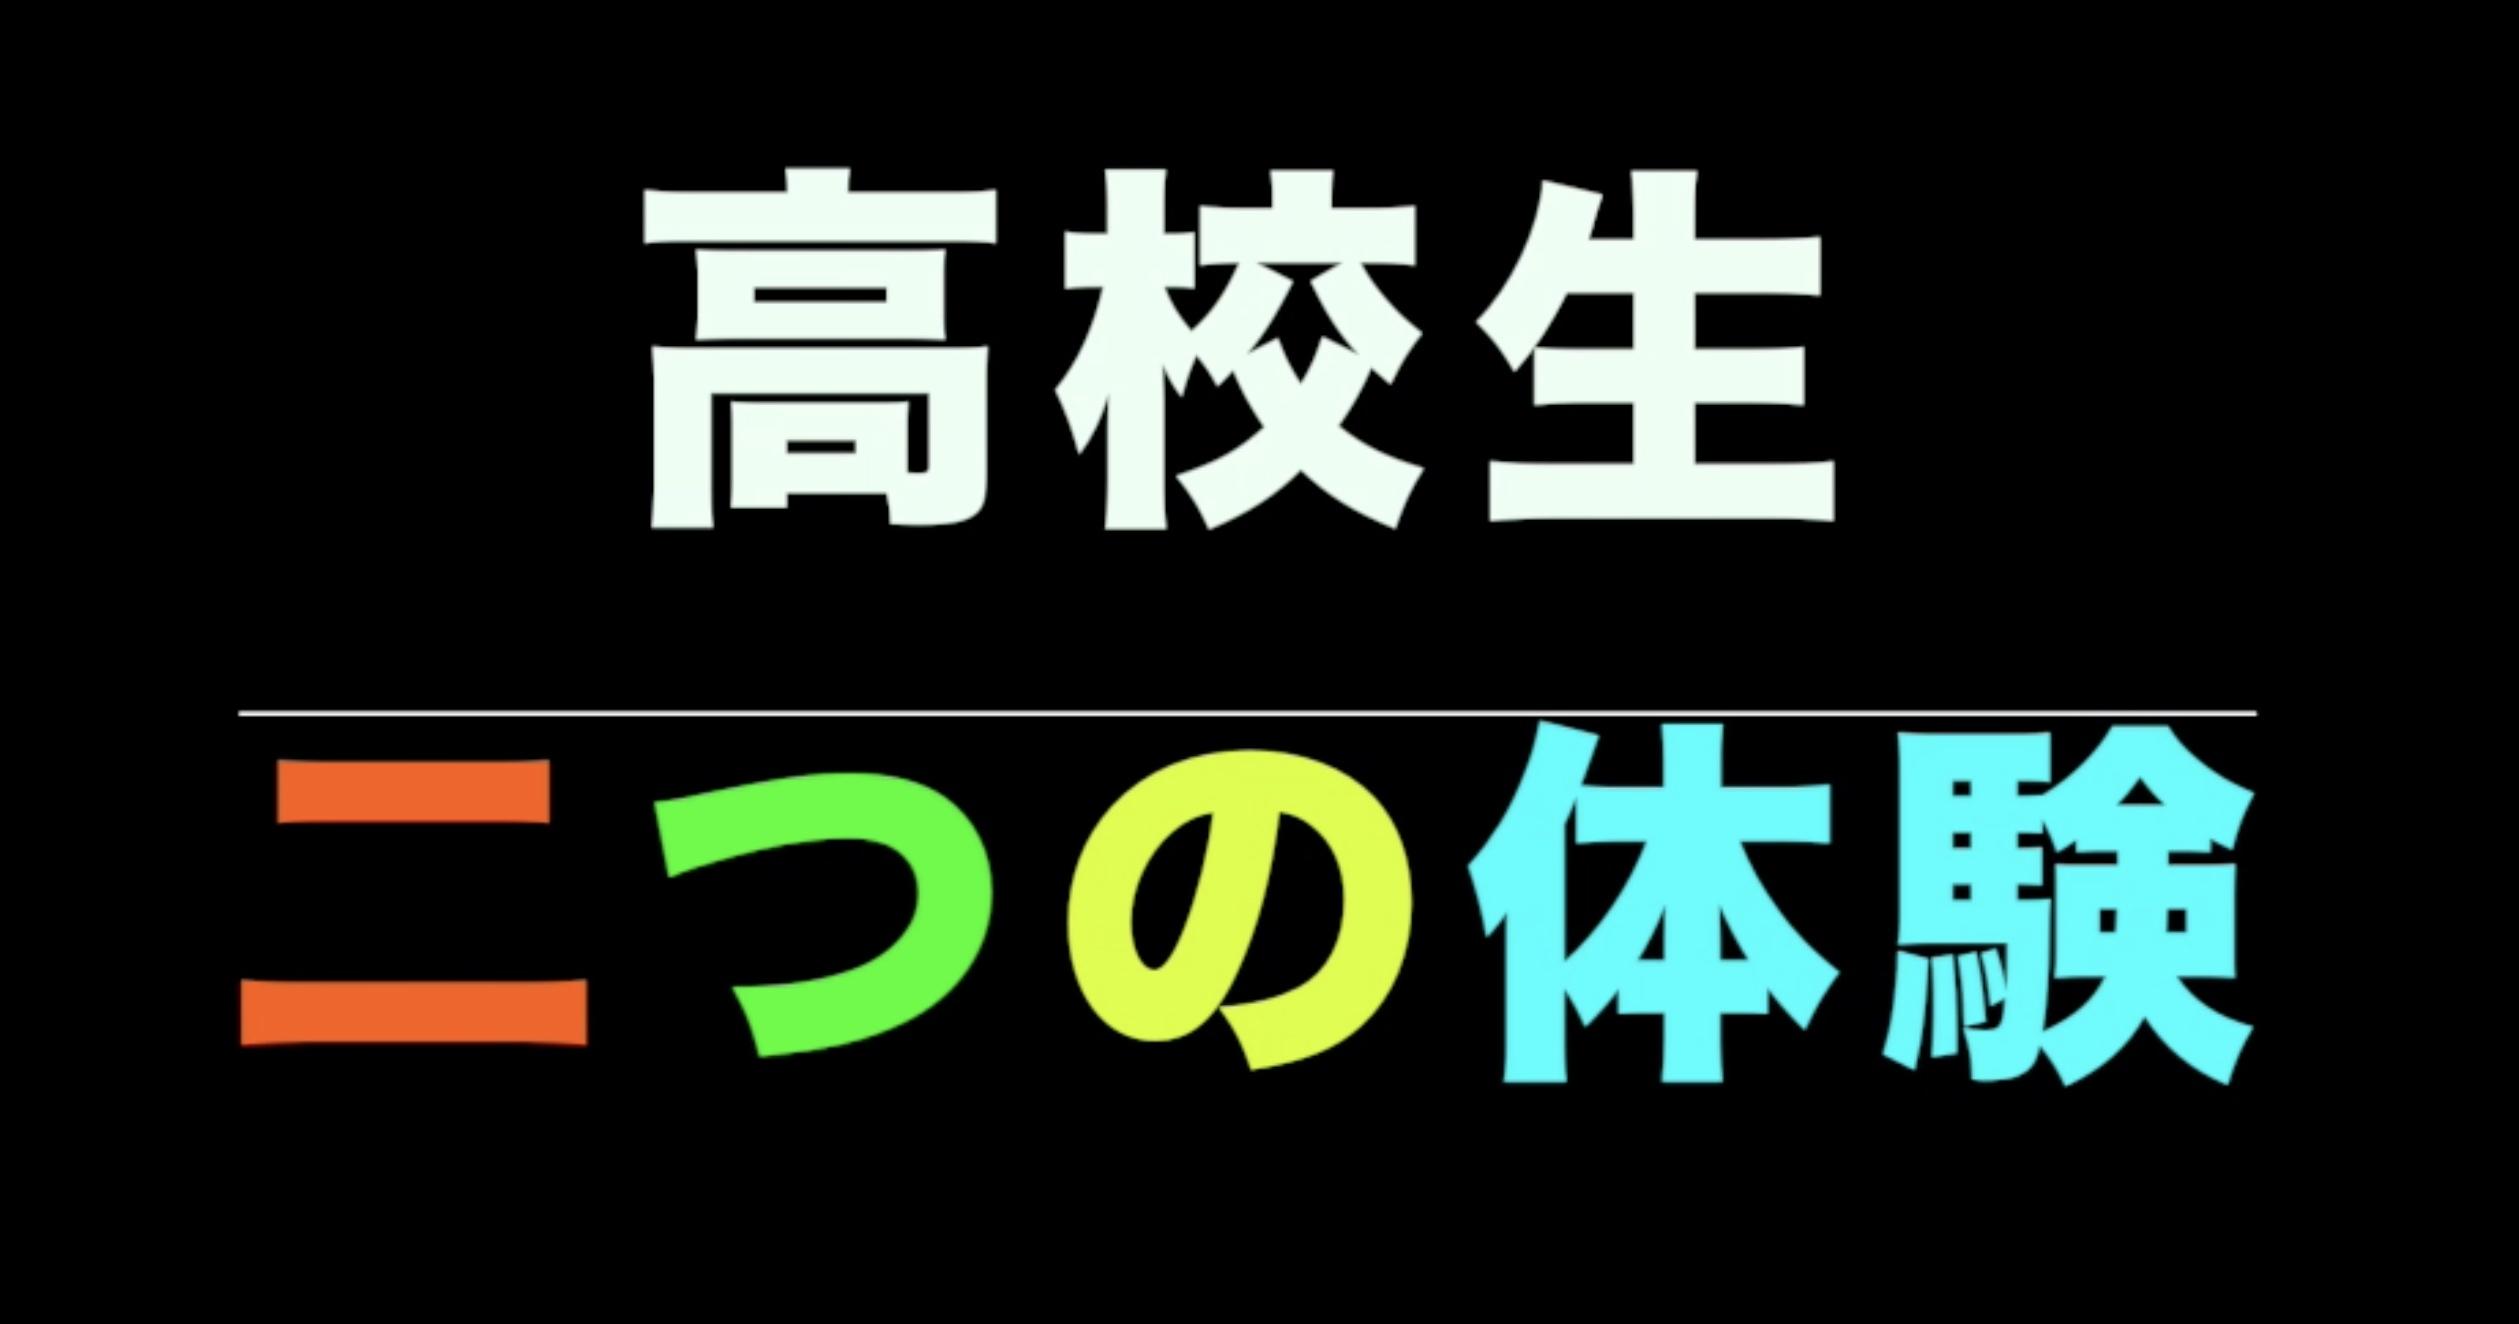 第2898話・・・バレー塾in東京_c0000970_10105472.jpg